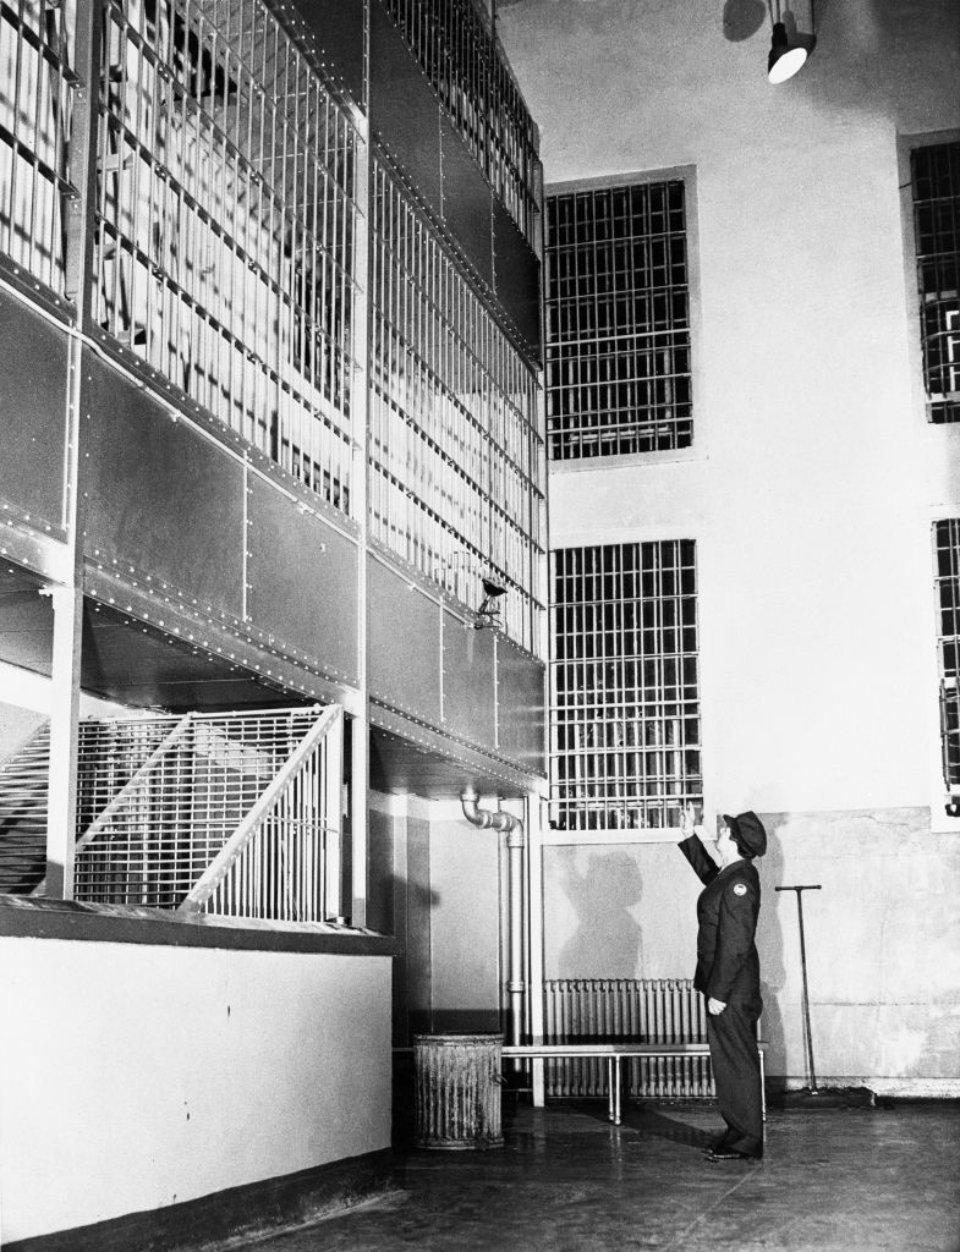 Охоронець вказує на місце, де ув'язнений дістався до зброї / Getty Images